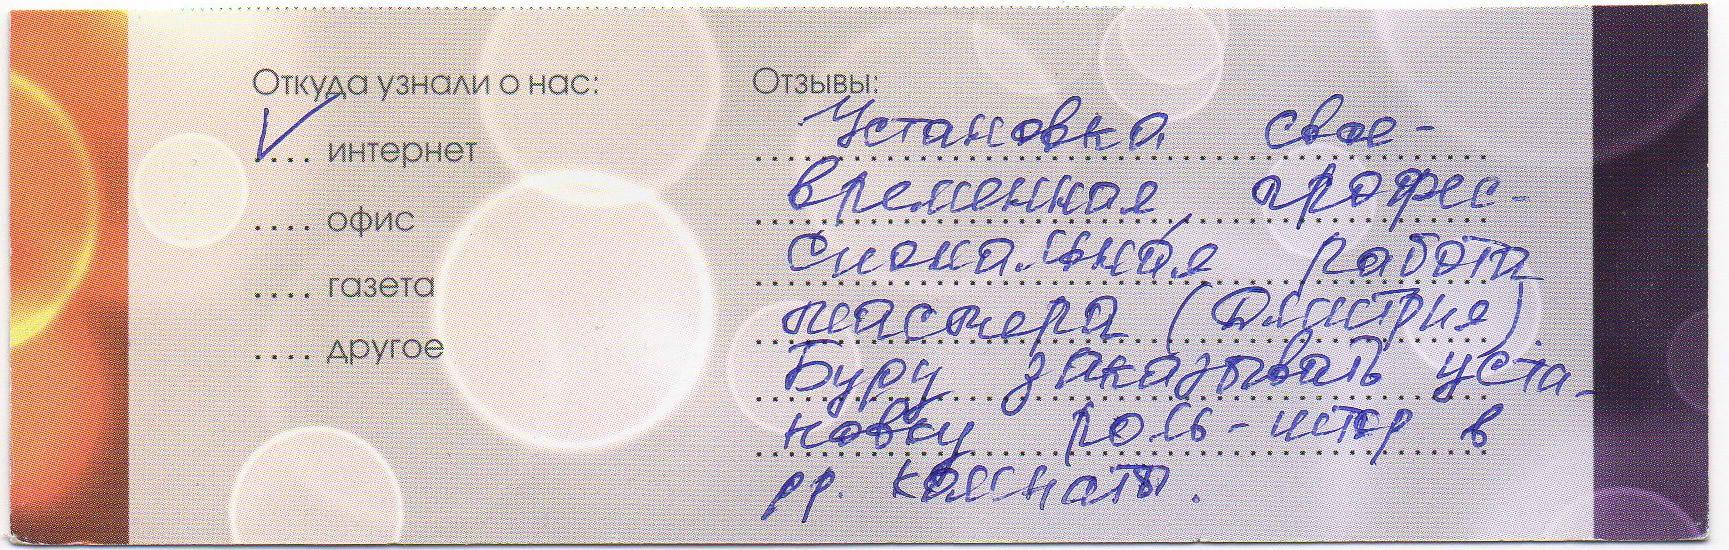 Установка своевременная, профессиональная работа мастера (Дмитрия). Буду заказывать установку роль-штор в др. комнаты.